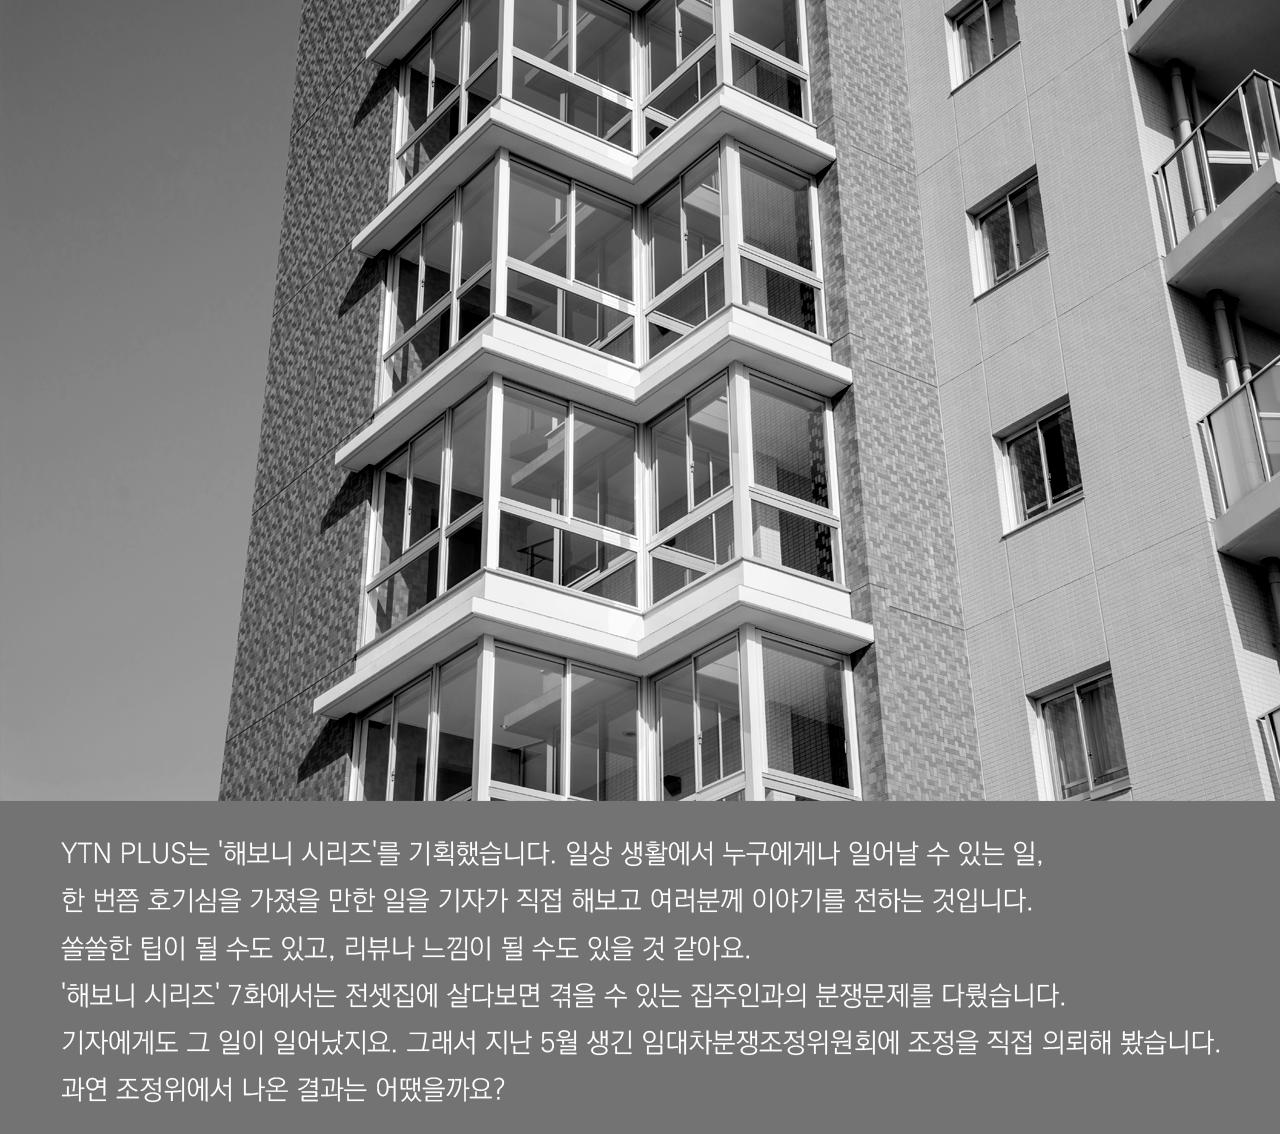 [해보니 시리즈 ⑦] 전셋집 배수관 누수 물난리, 집주인은 책임없다?